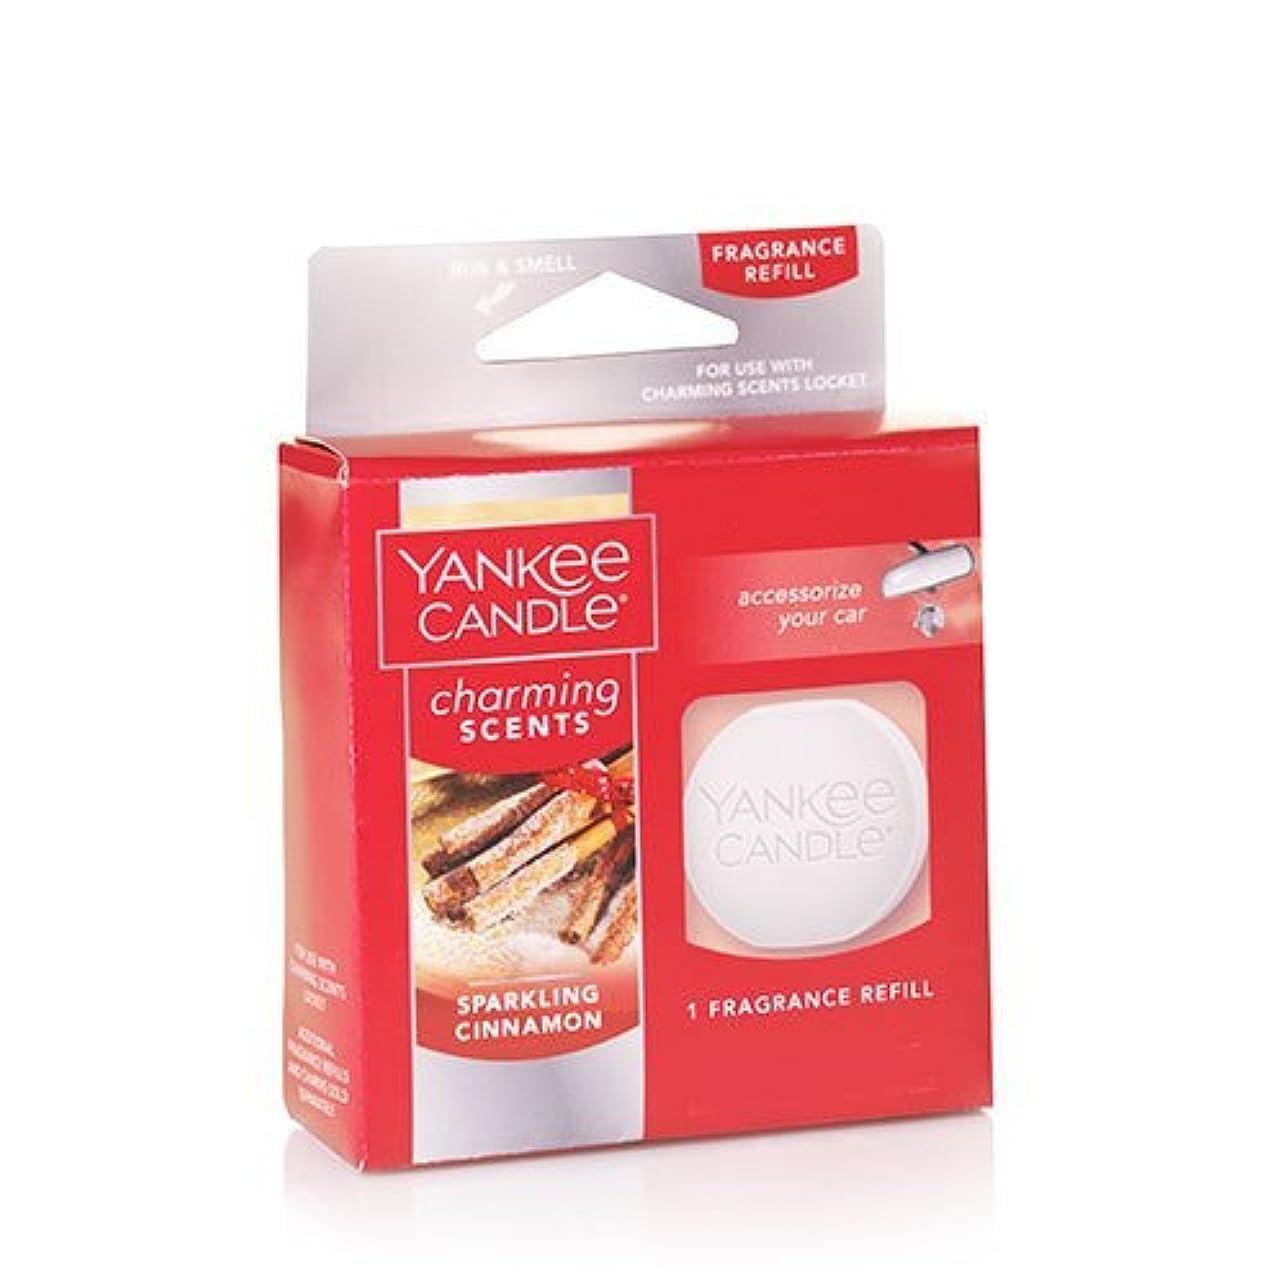 つかむ好む加速度Yankee Candle SparklingシナモンCharming Scents Fragrance Refill, Festive香り